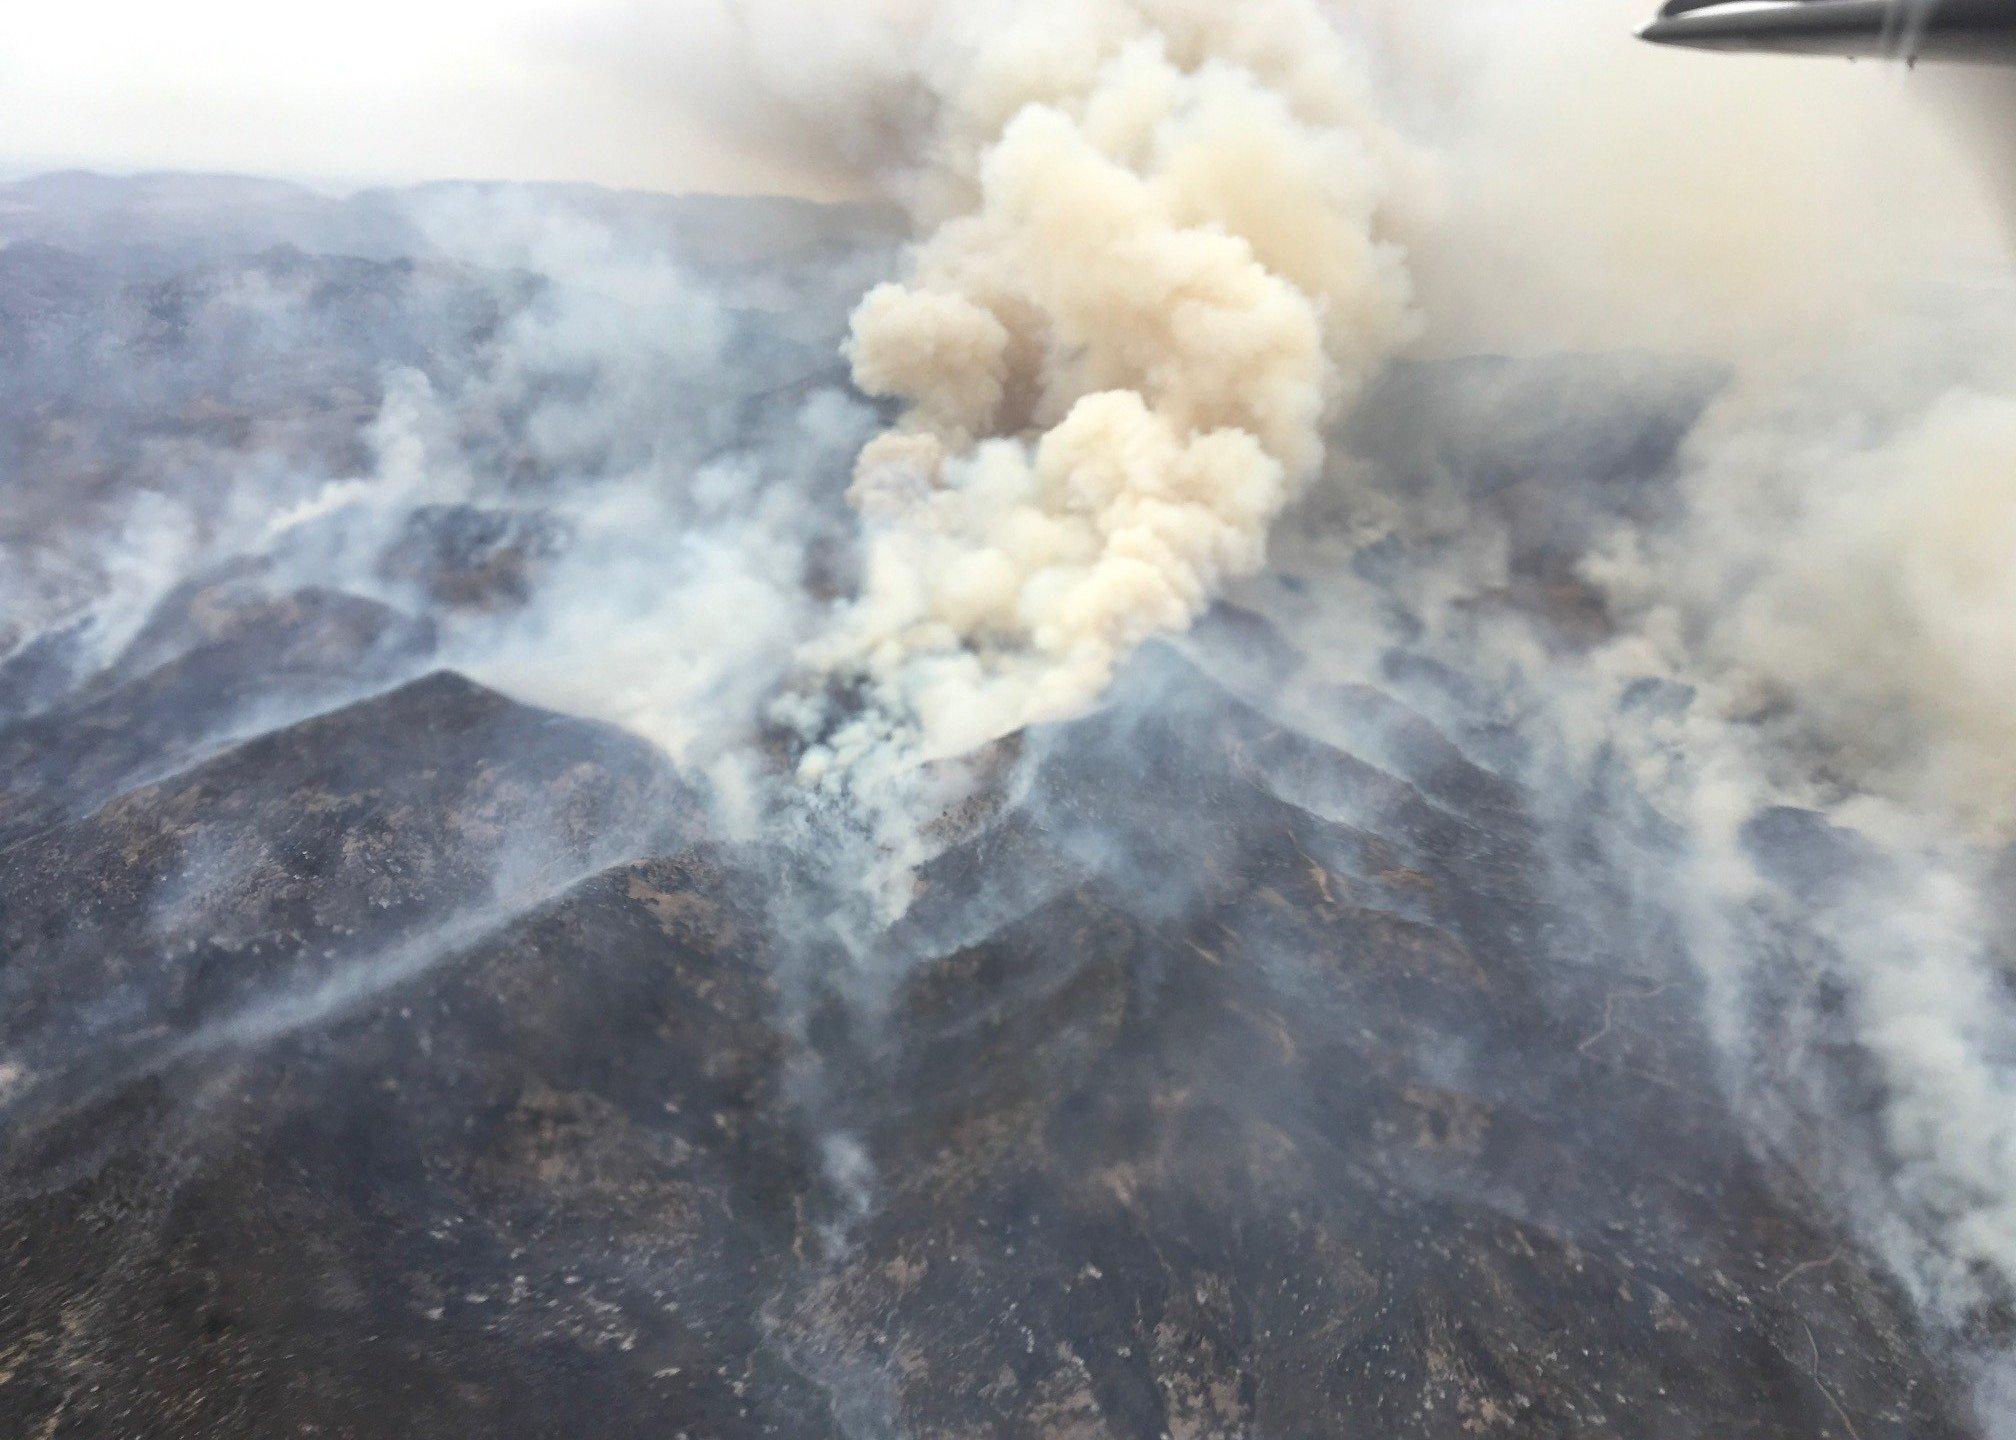 McDannald Fire